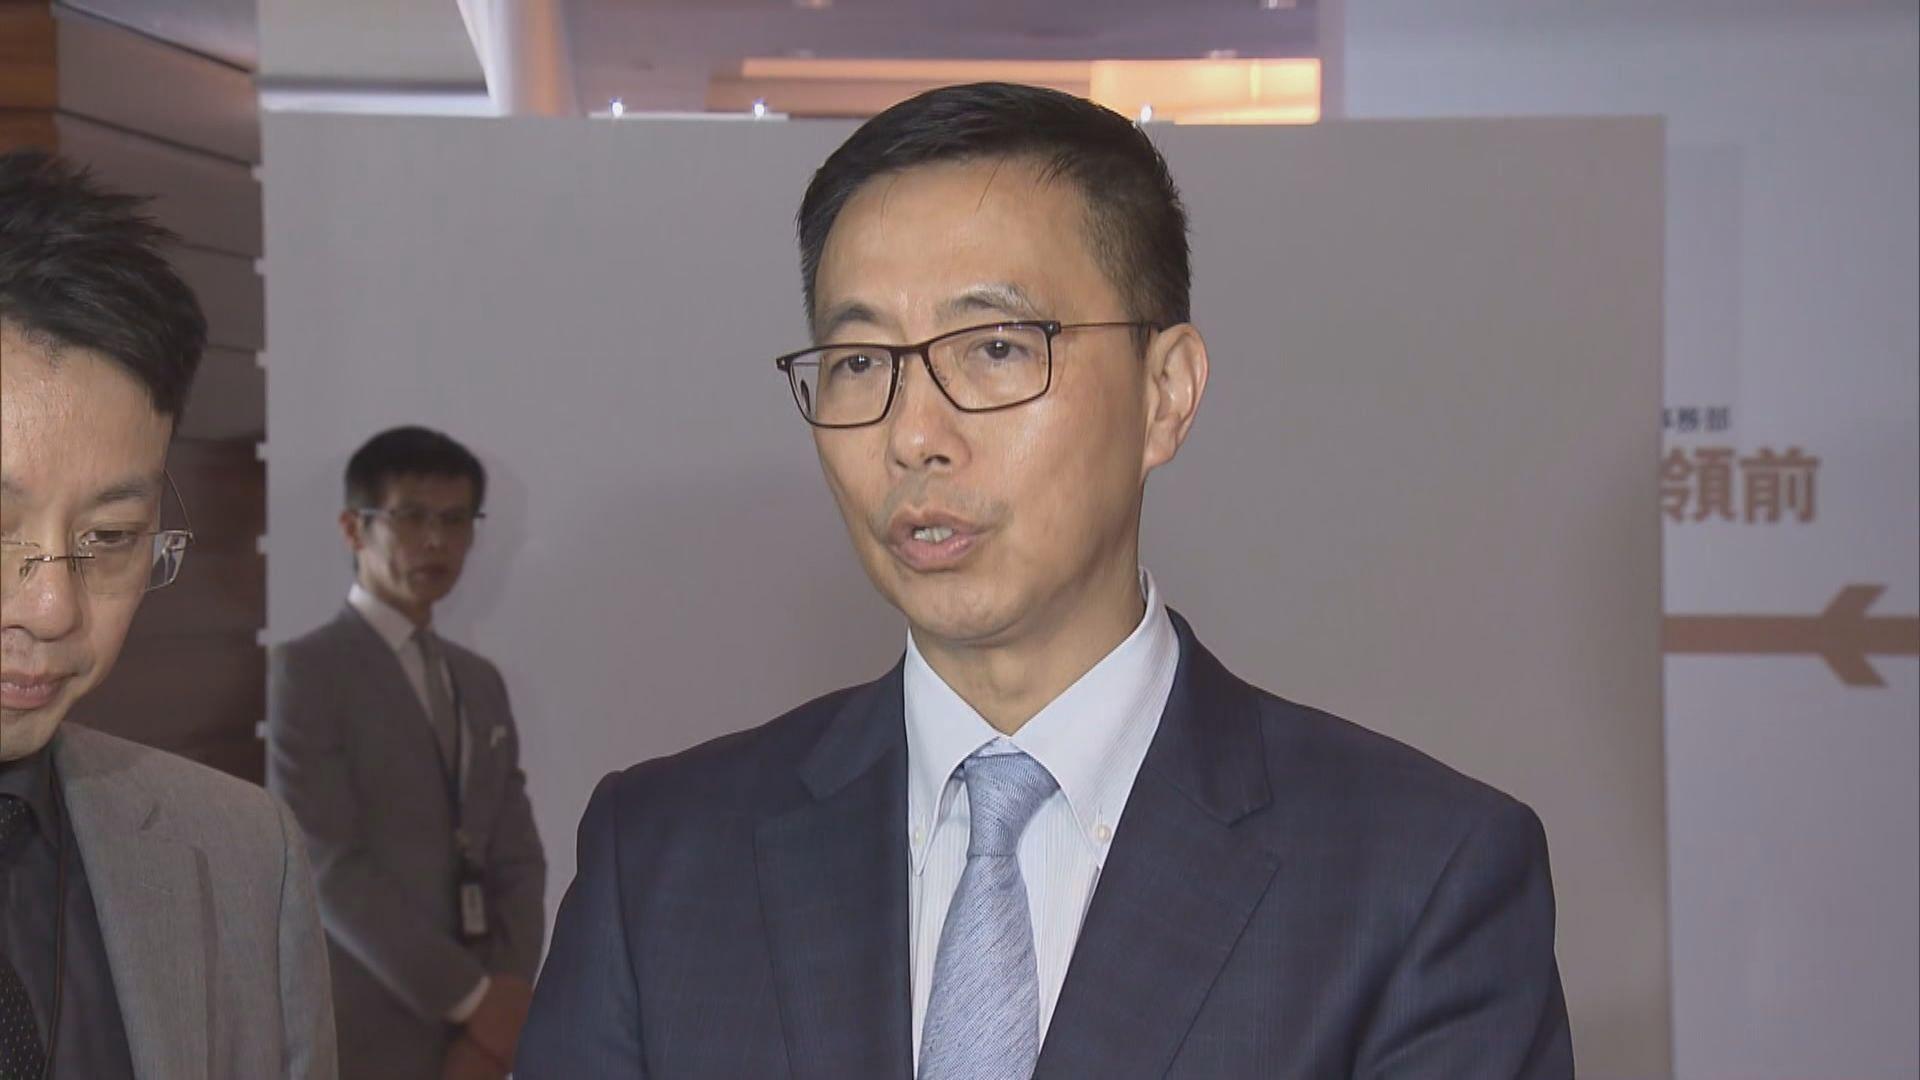 【元朗襲擊】楊潤雄:教育局會支援有需要學校